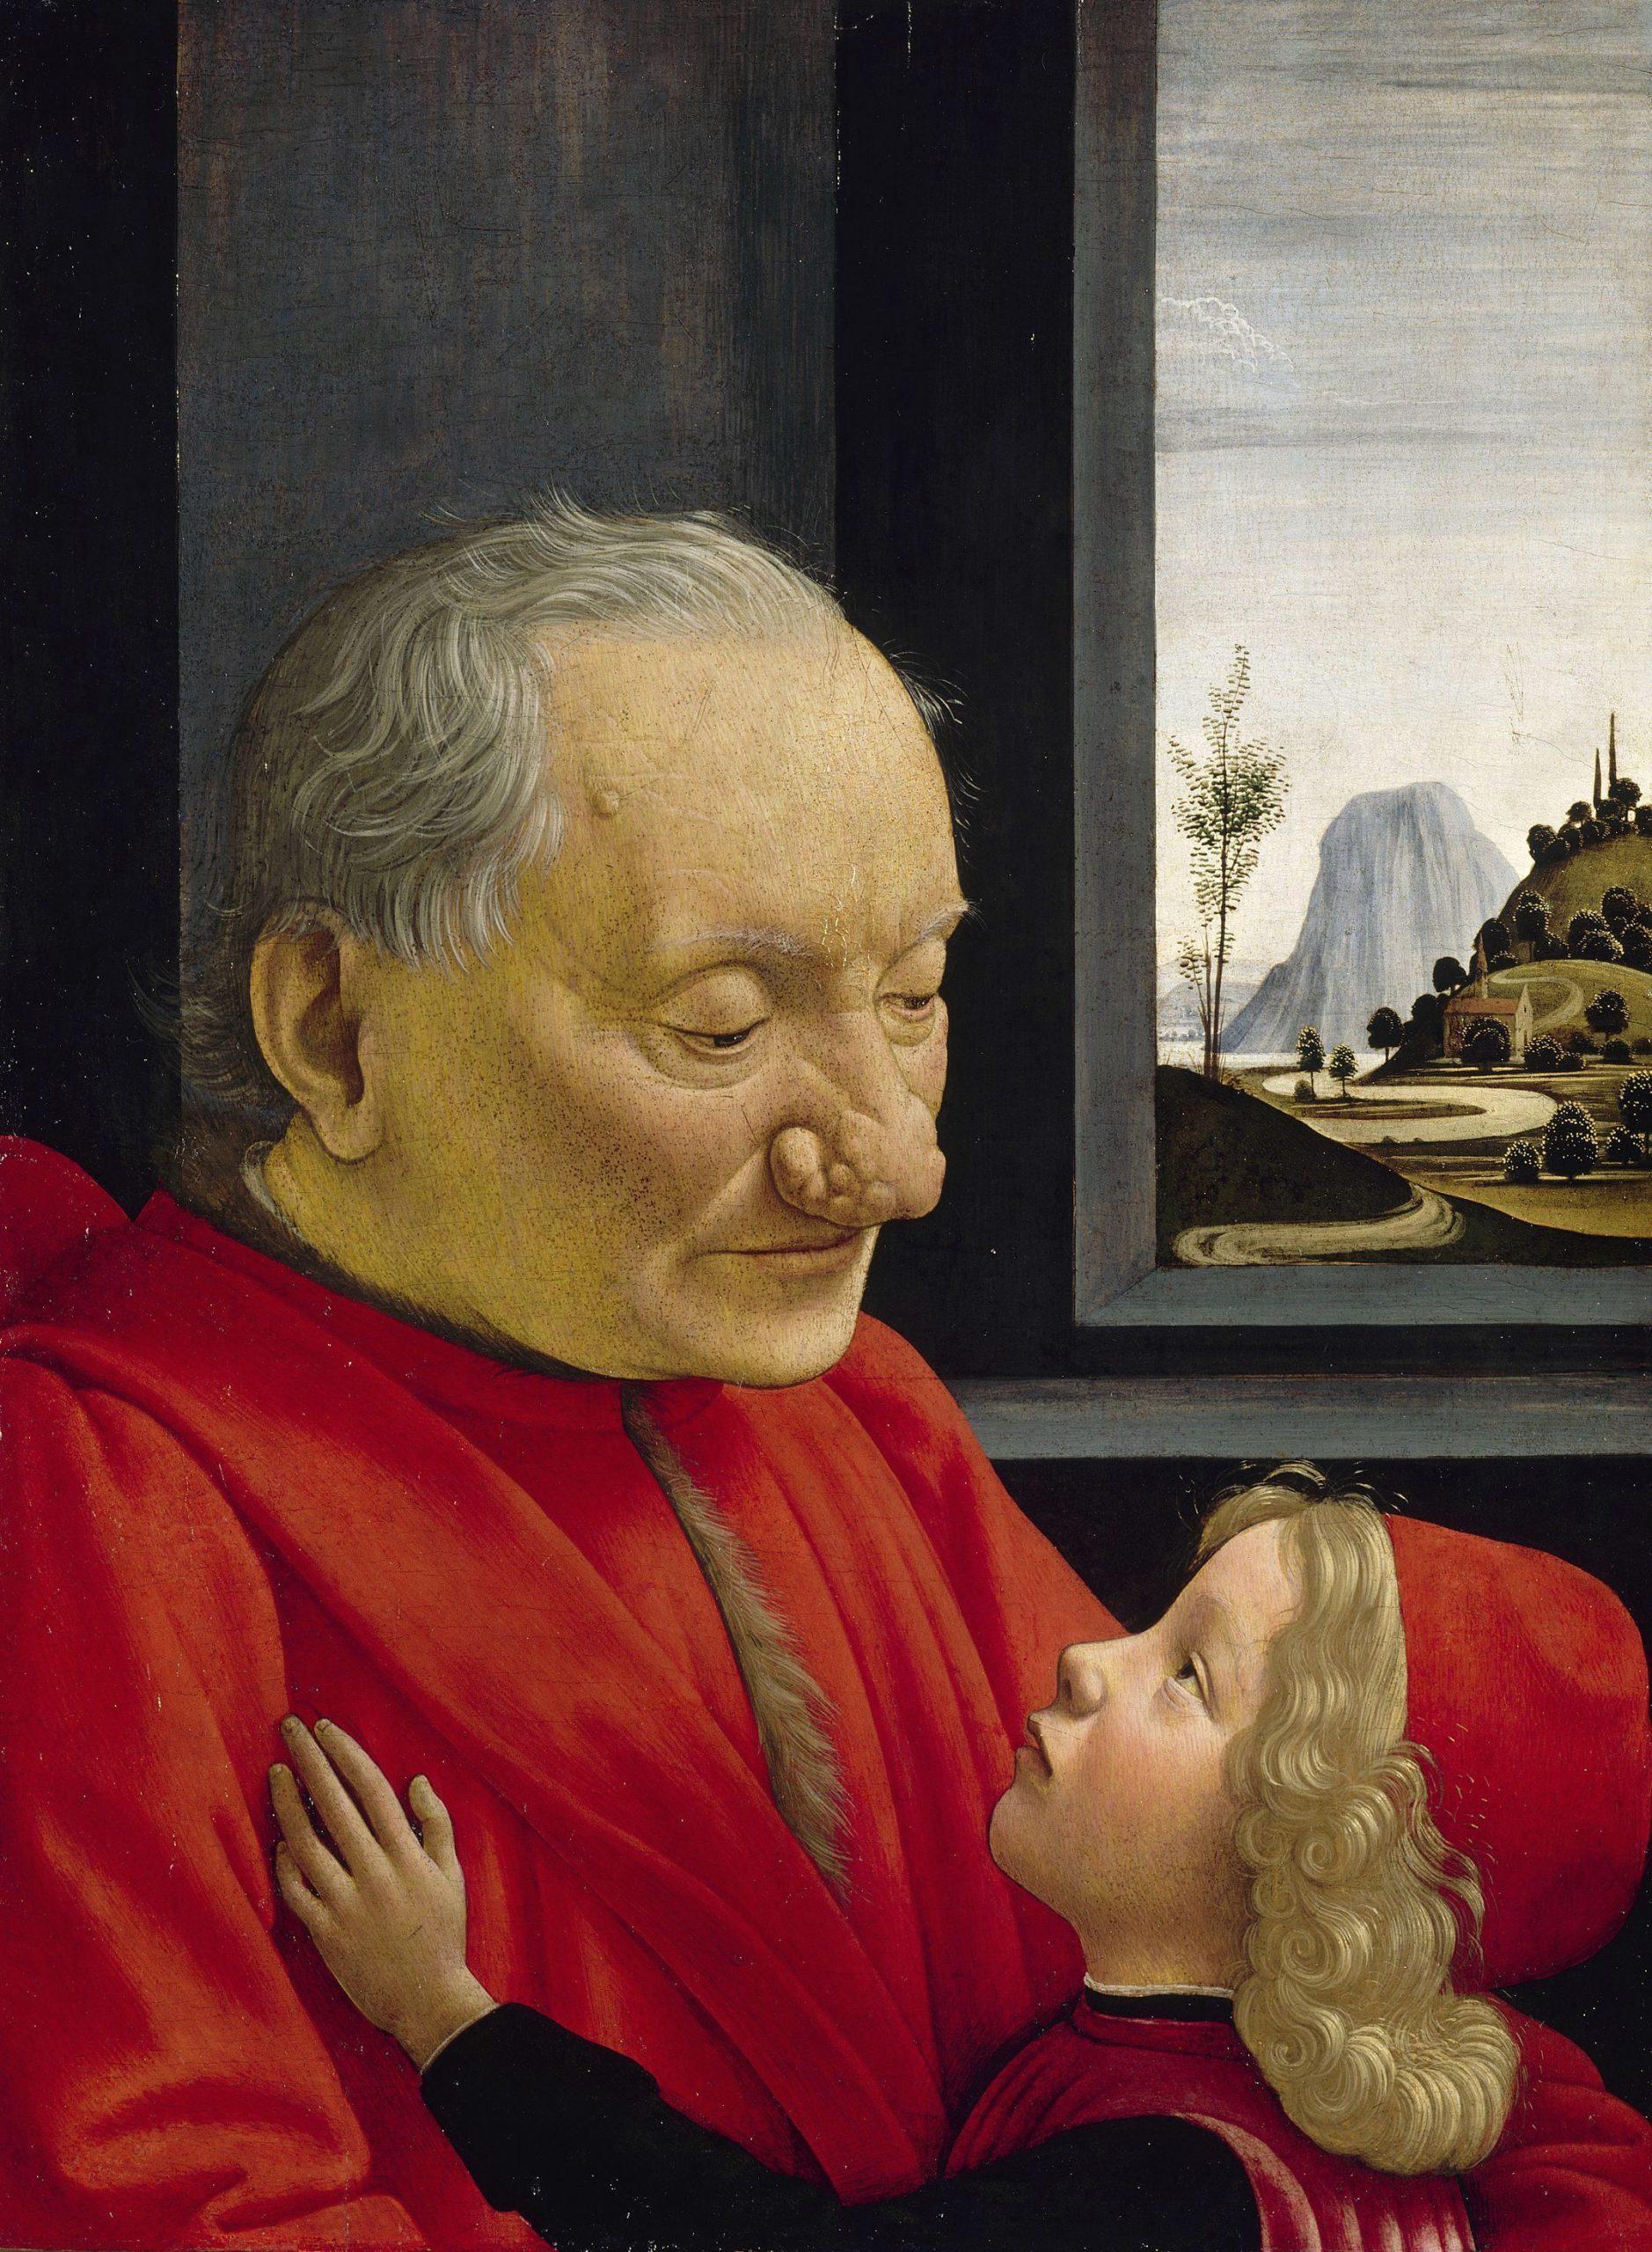 """Domenico Ghirlandaio, """"Portret starca i chłopca"""", ok 1490, Luwr, źródło: Wikipedia"""